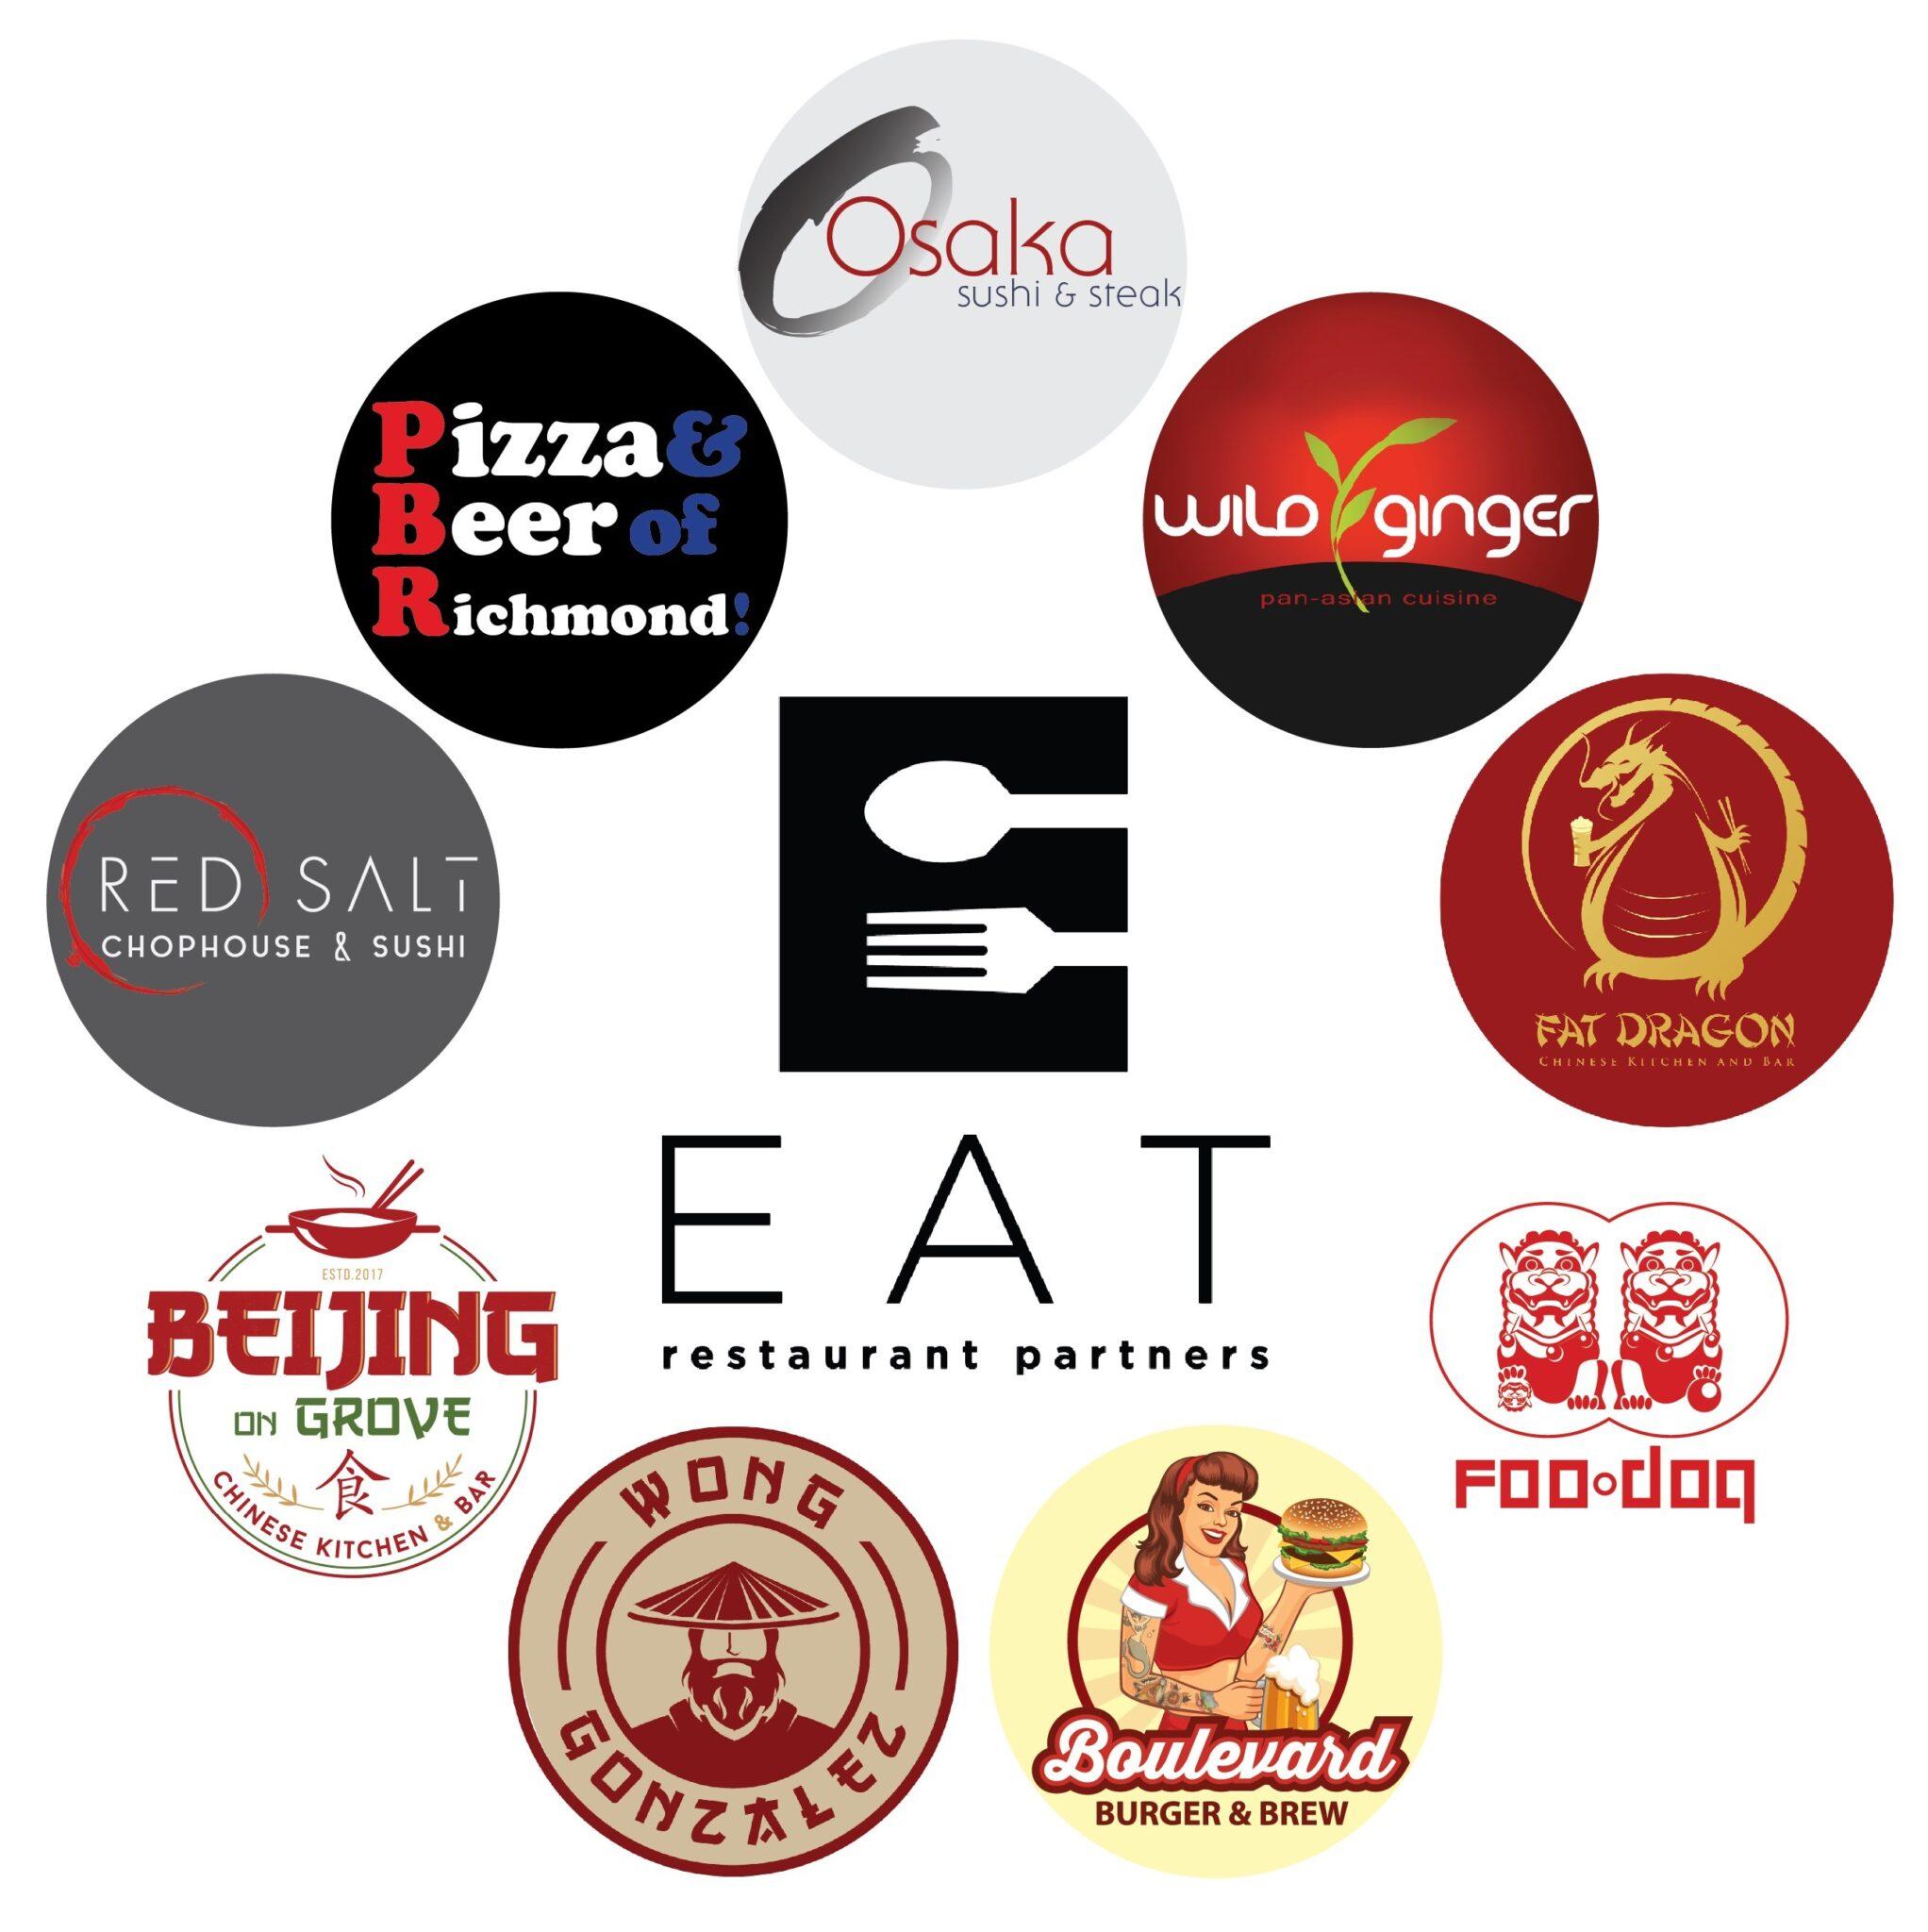 Eat Restaurant Partner logo